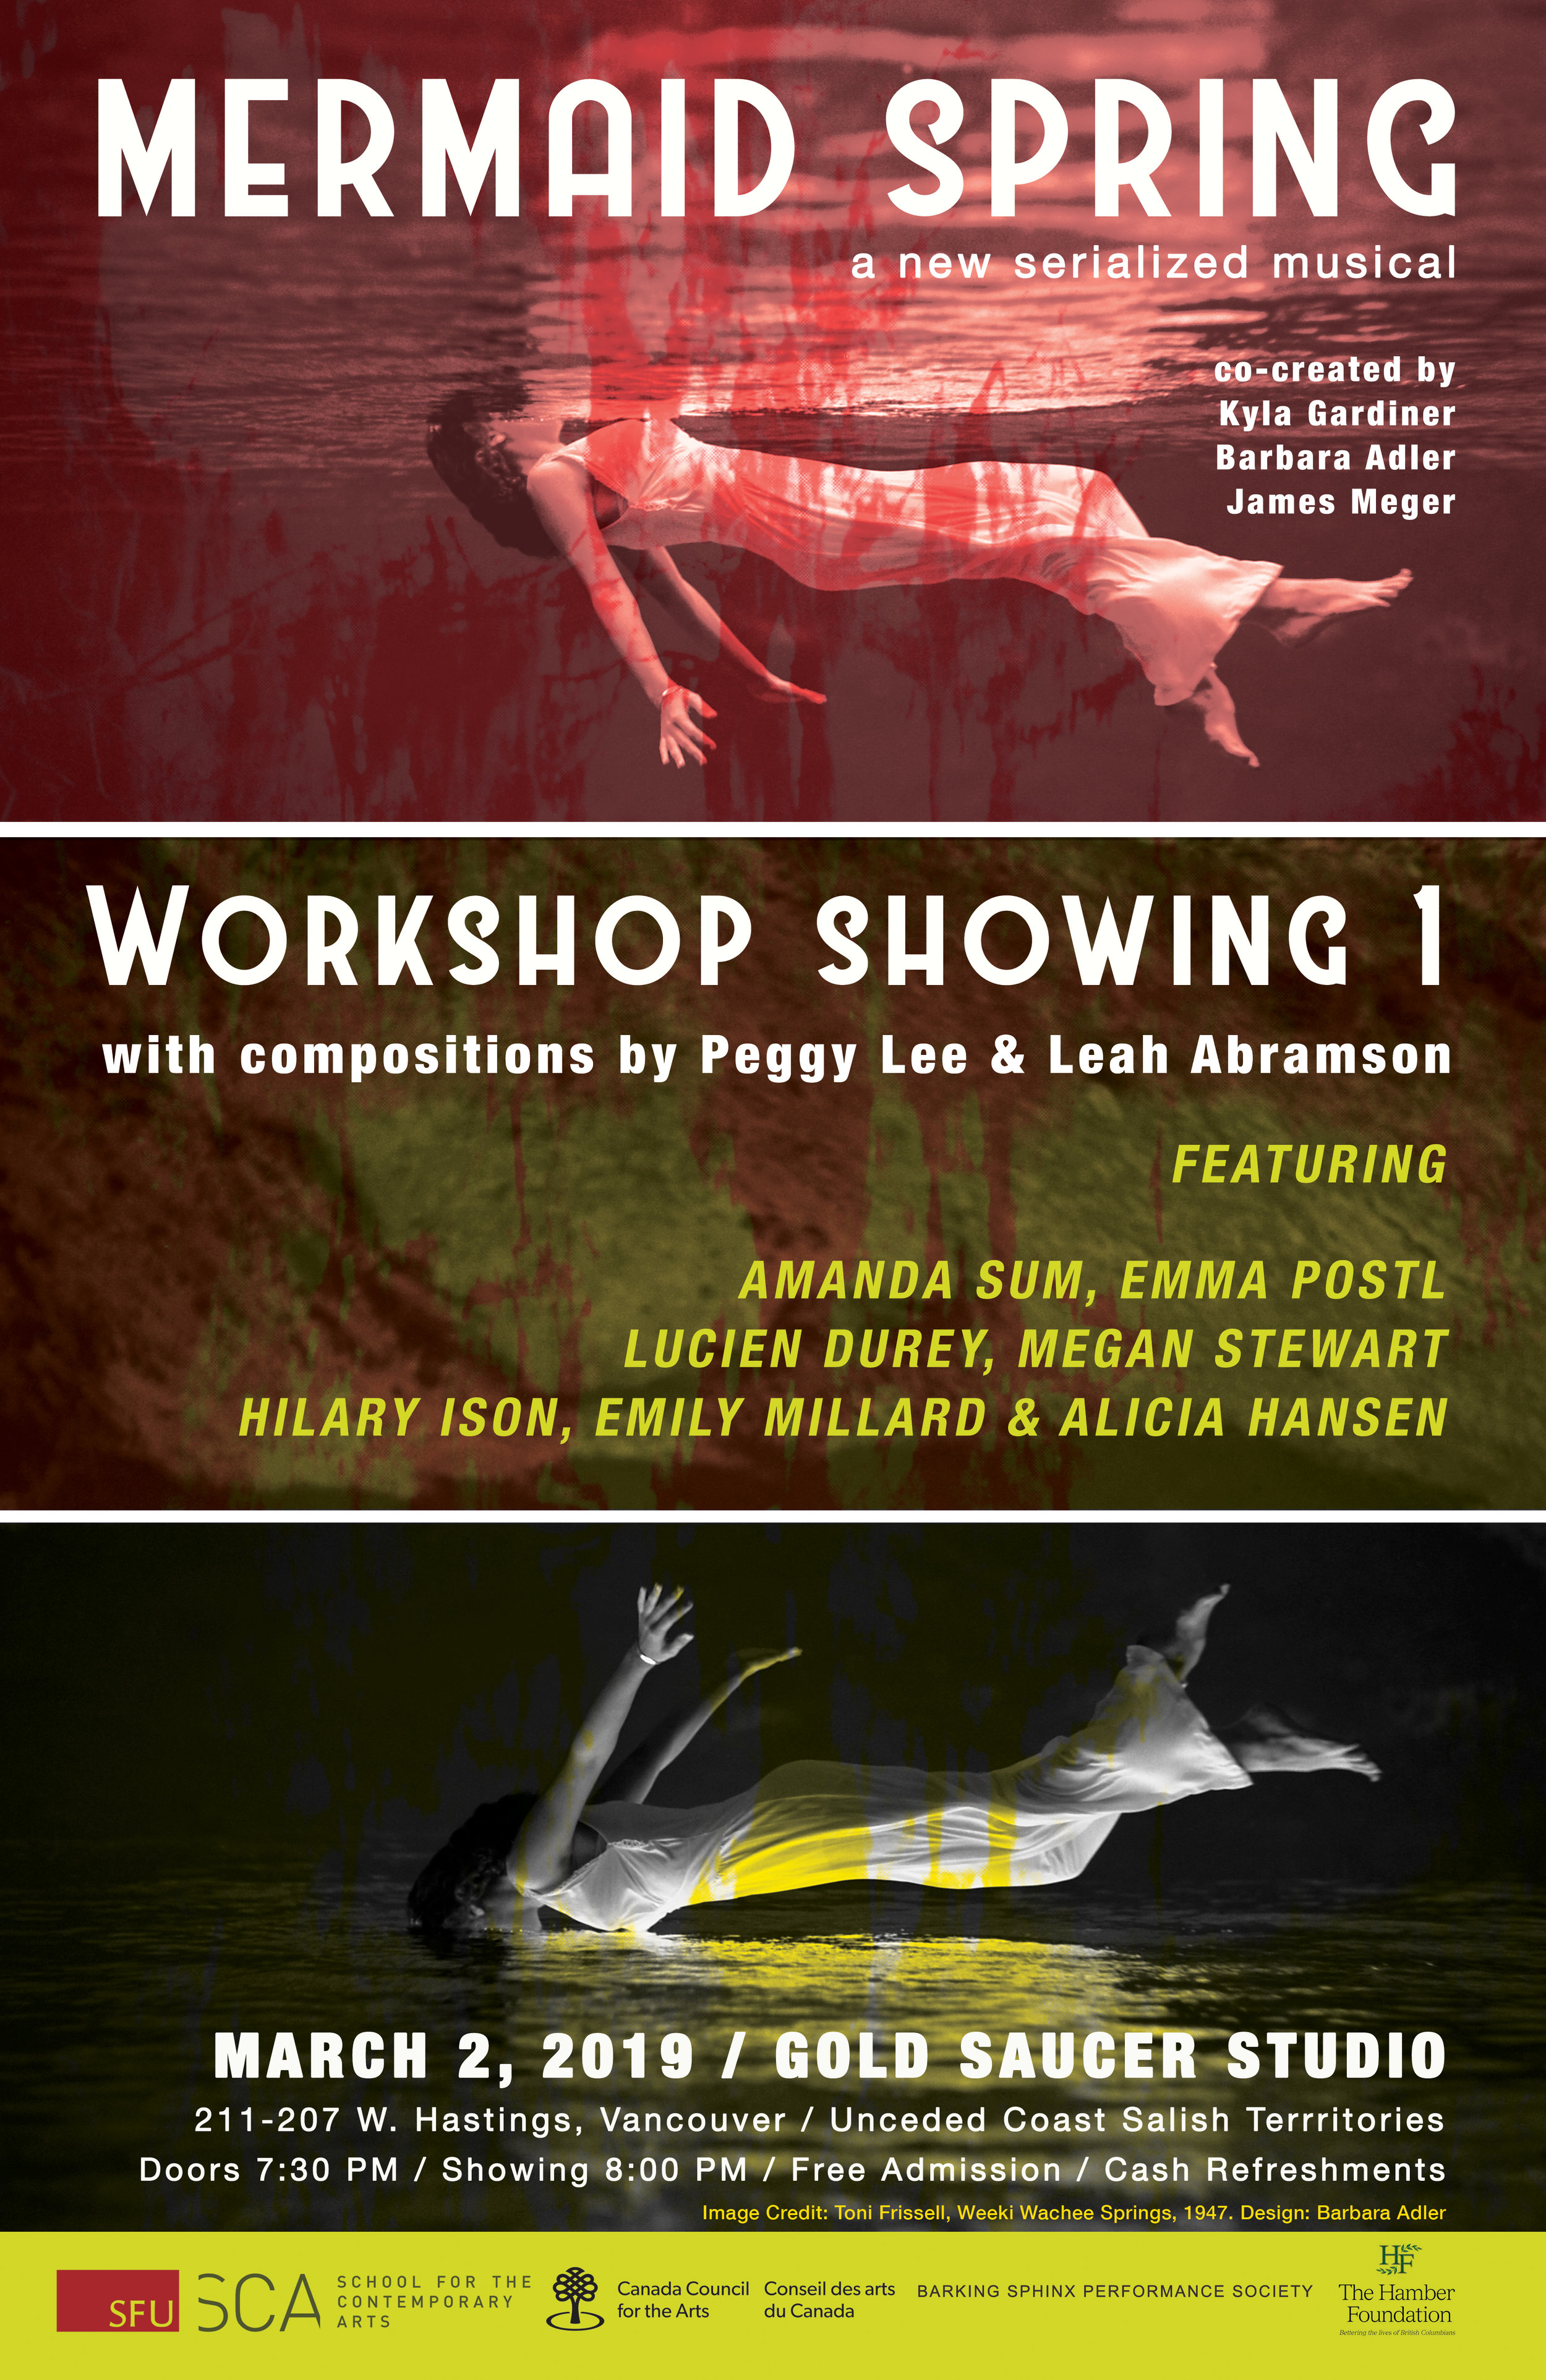 MermaidSpring_Workshop1_Poster_FINAL_Feb4.jpg